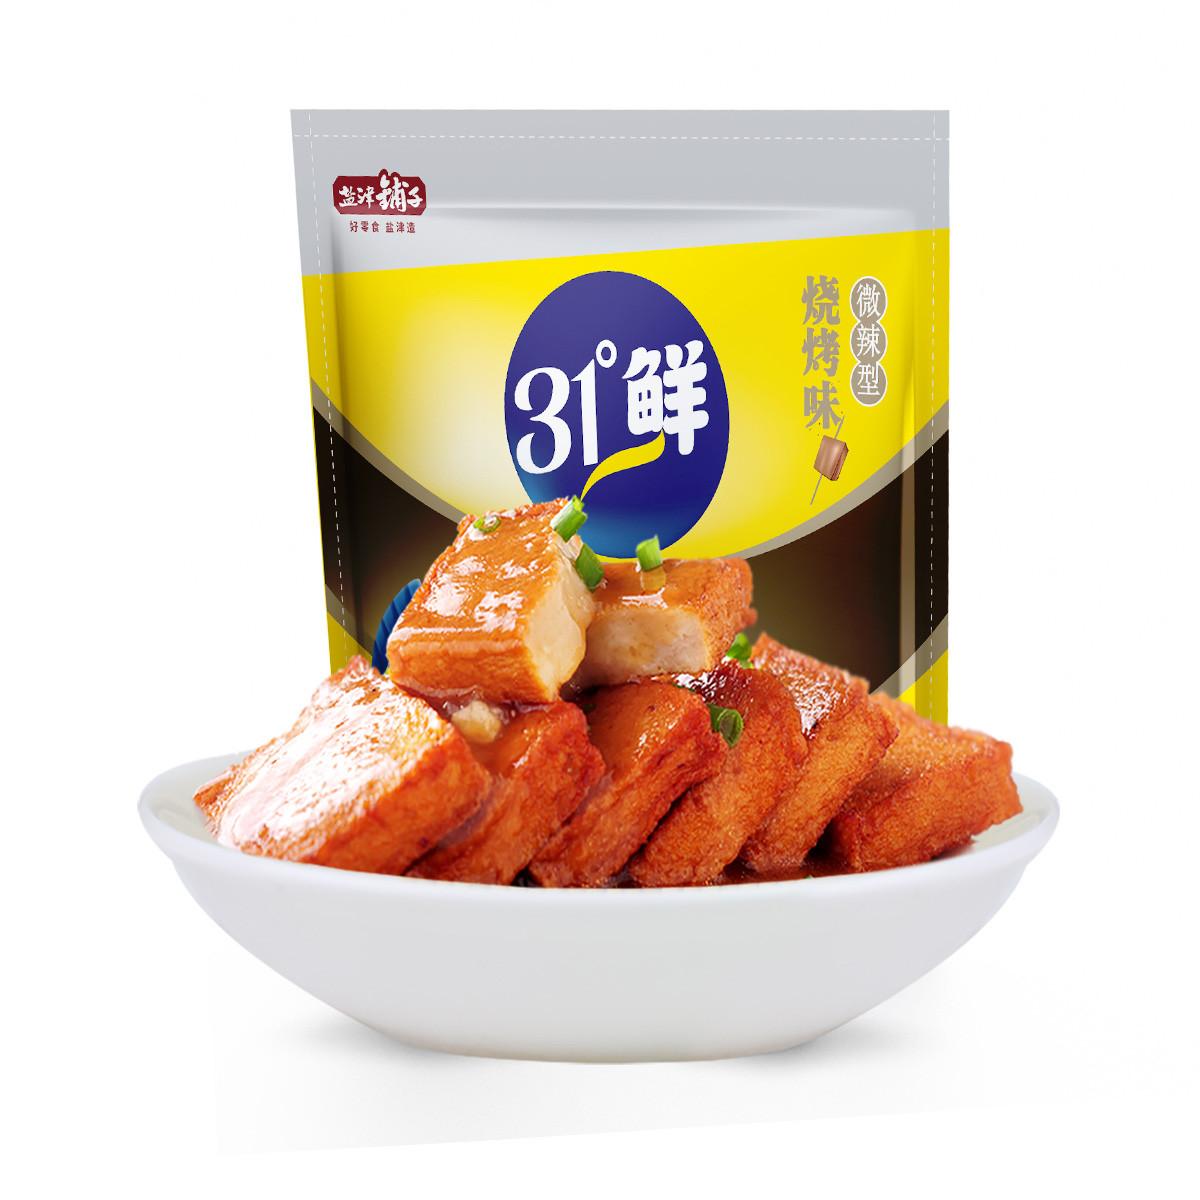 盐津铺子盐津铺子鱼豆腐烧烤味豆制品网红零食独立小包装豆腐干6926104937803